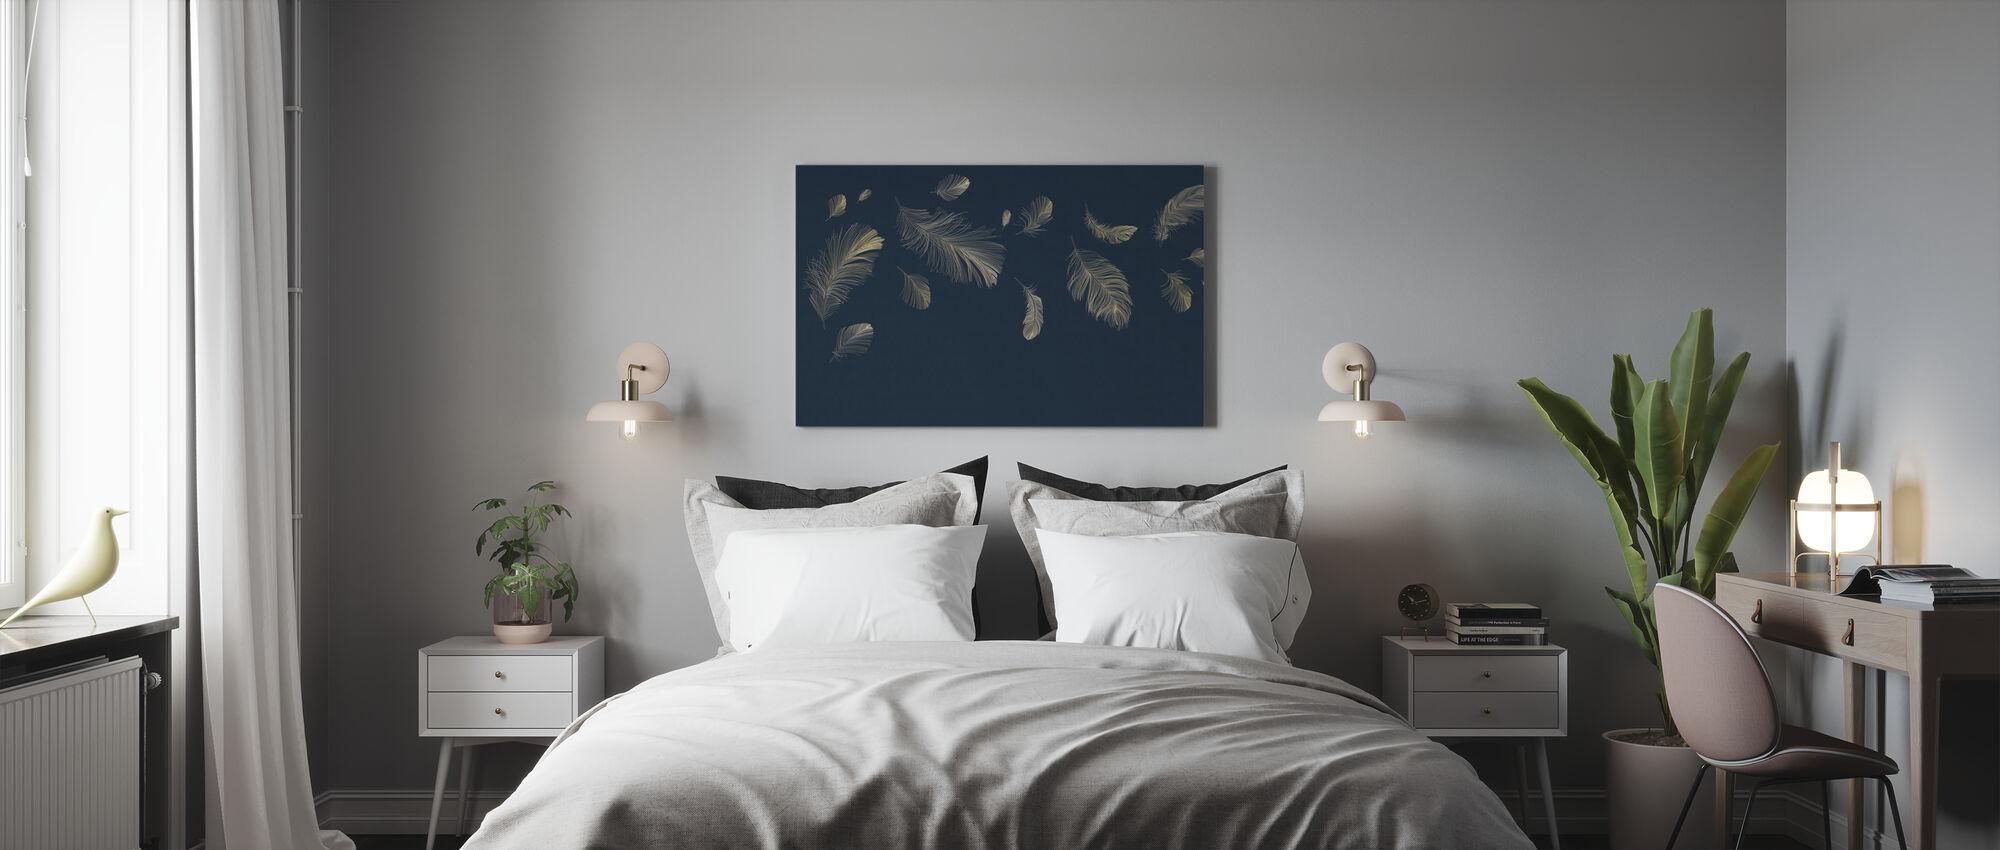 Flyvende fjer - Blå - Billede på lærred - Soveværelse